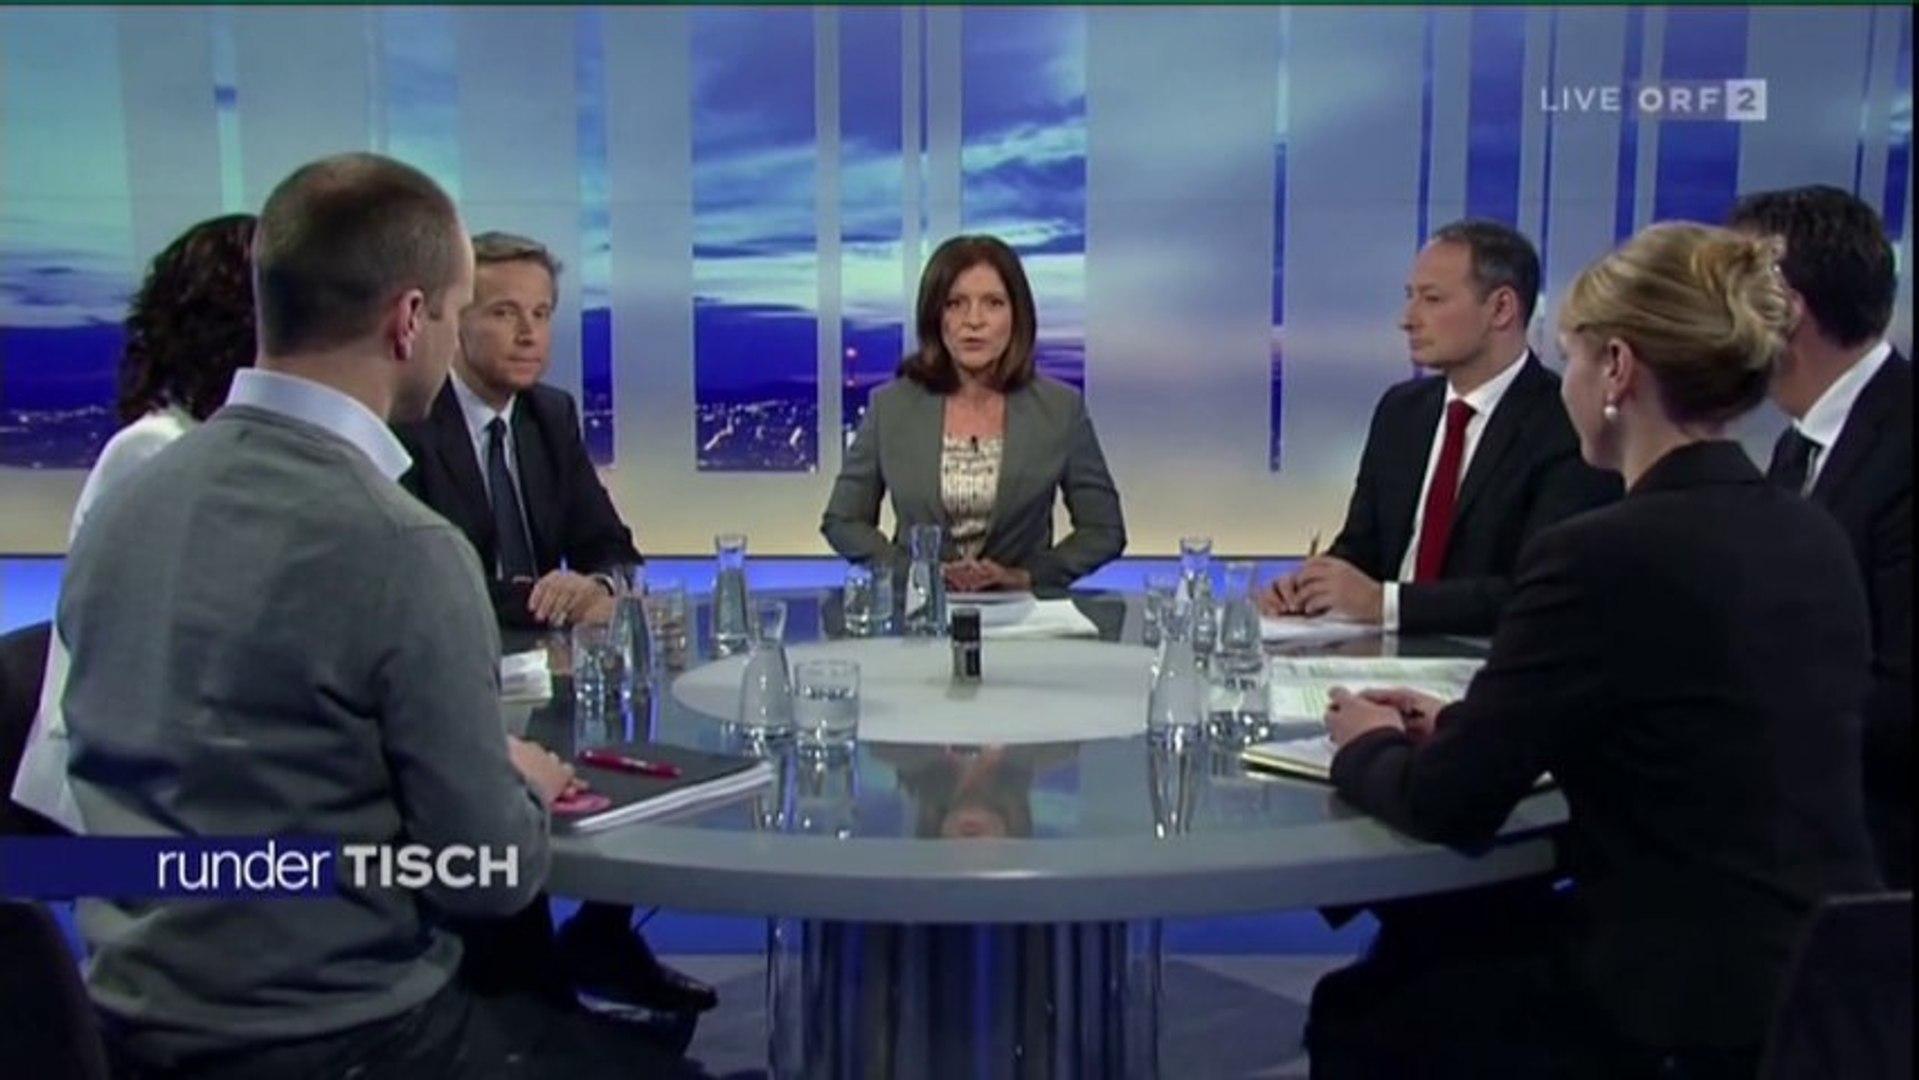 RunderTisch mit SPÖ ÖVP FPÖ DieGrünen Neos Team Stronach -